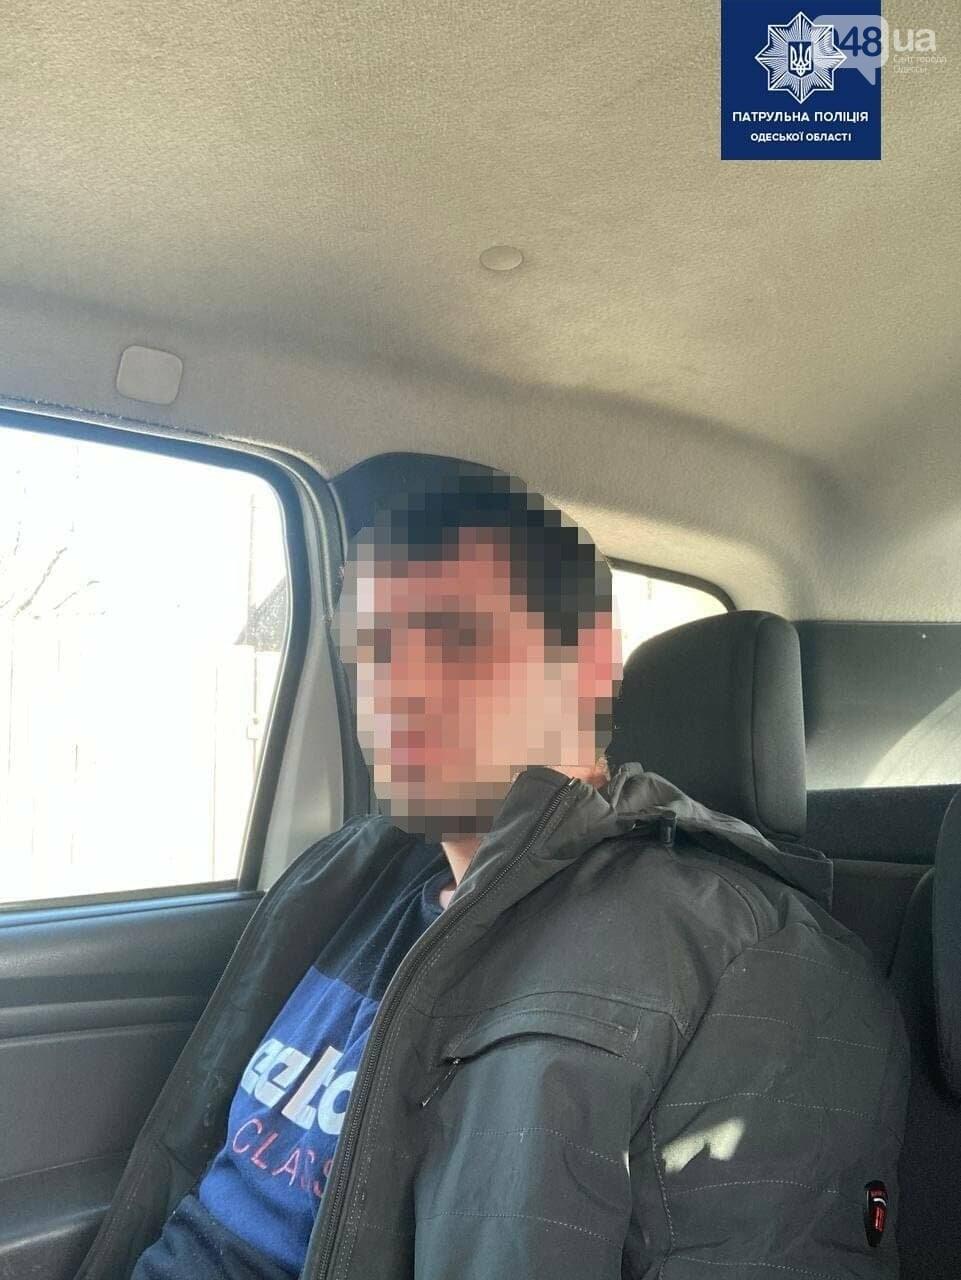 В Одесской области двое мужчин средь бела дня похитили девушку, угрожая ей ножом, - ФОТО, фото-2